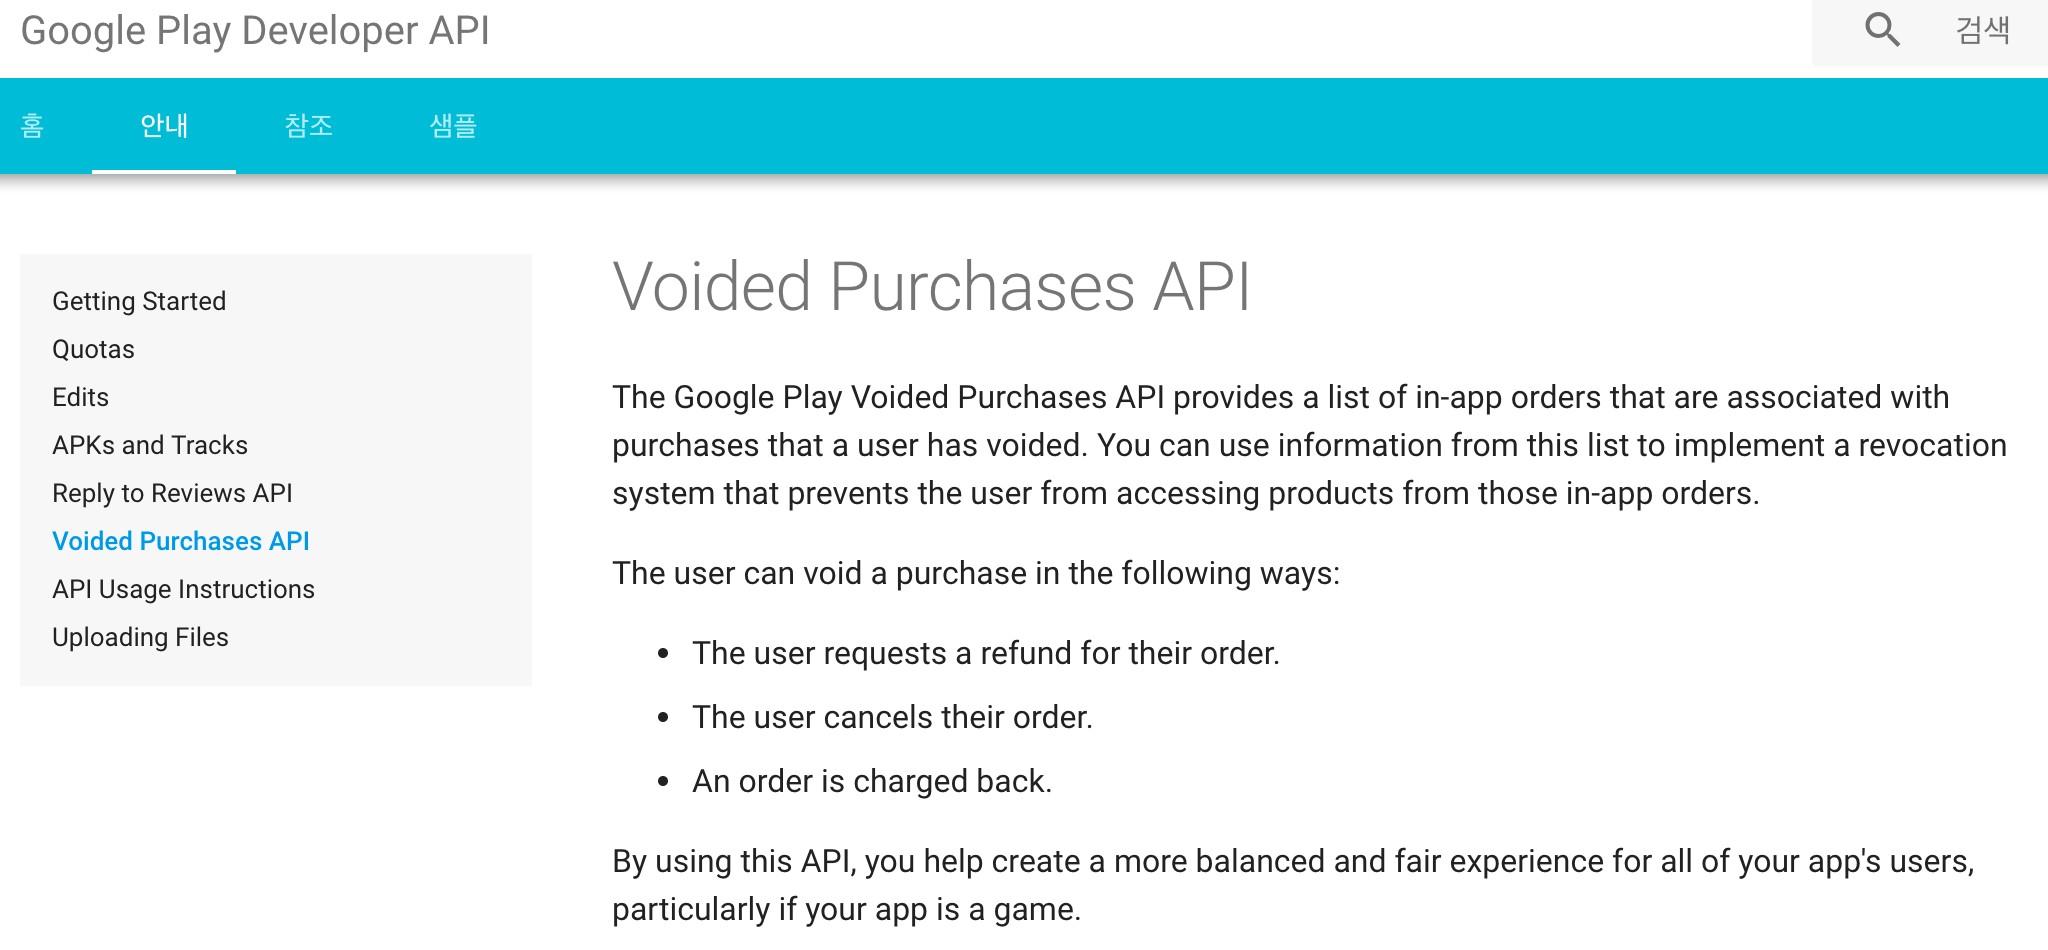 결제 후 취소(Void Purchase)를 조회할 수 있는 API